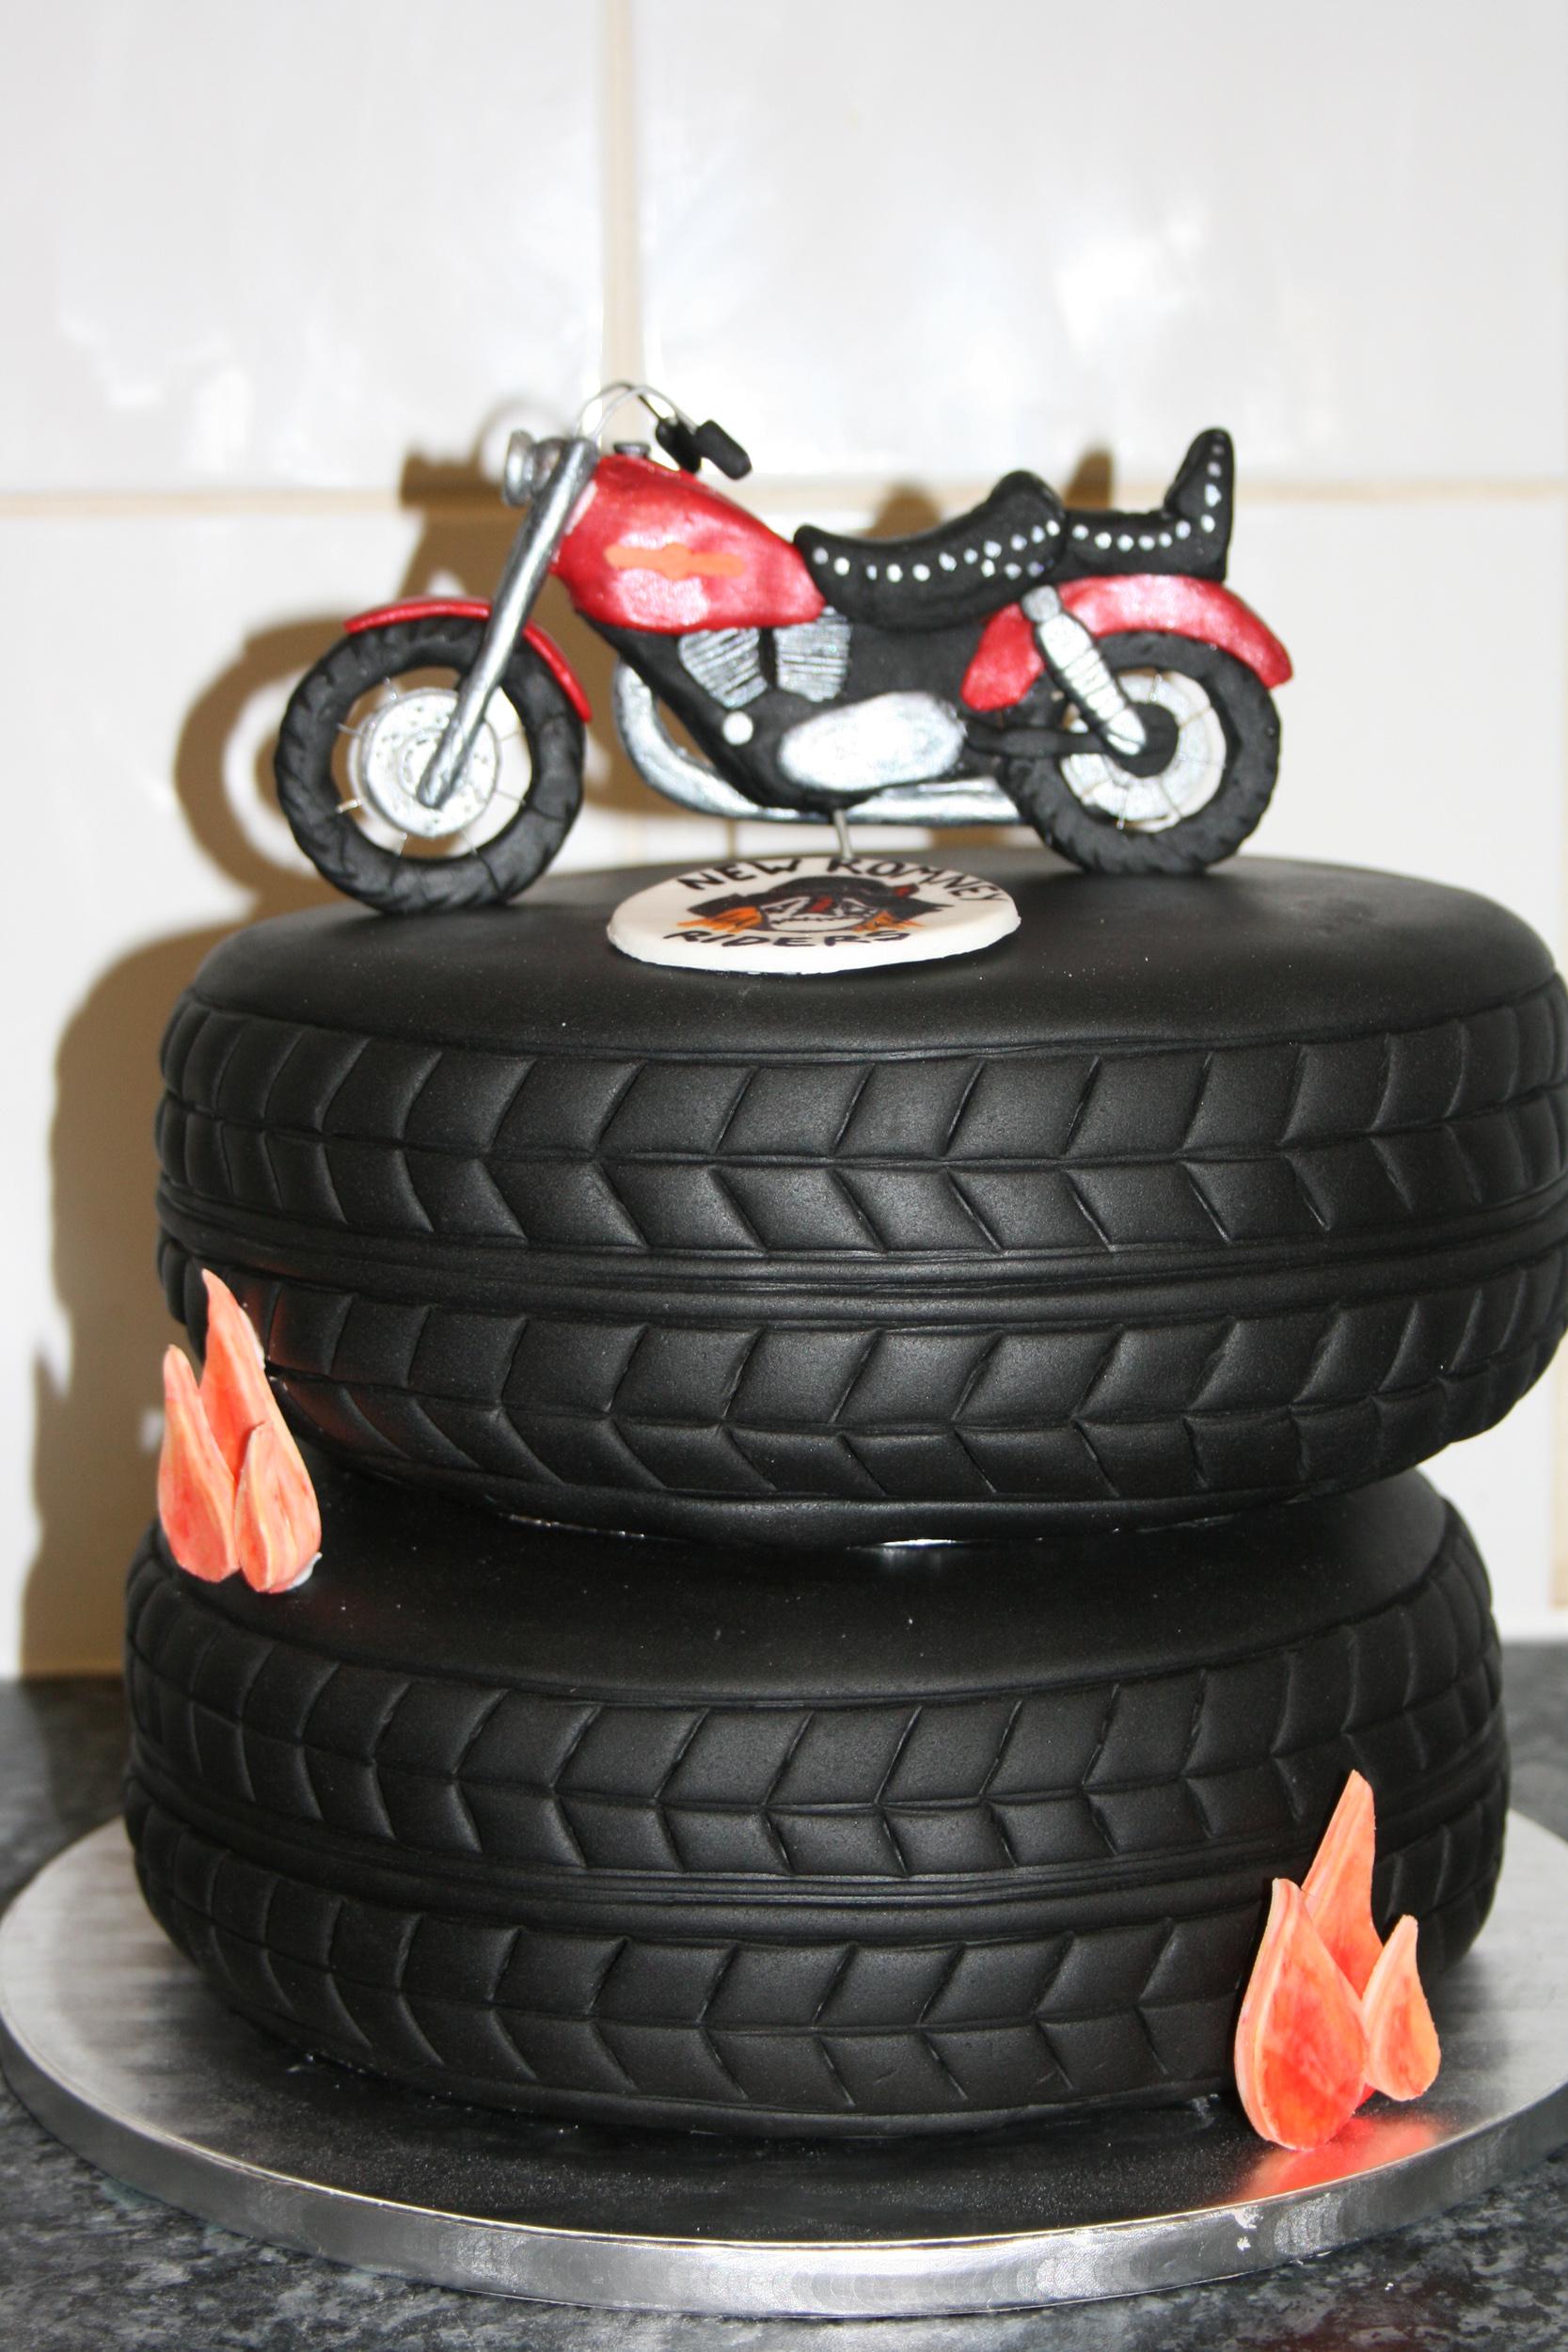 Biker Birthday Cakes